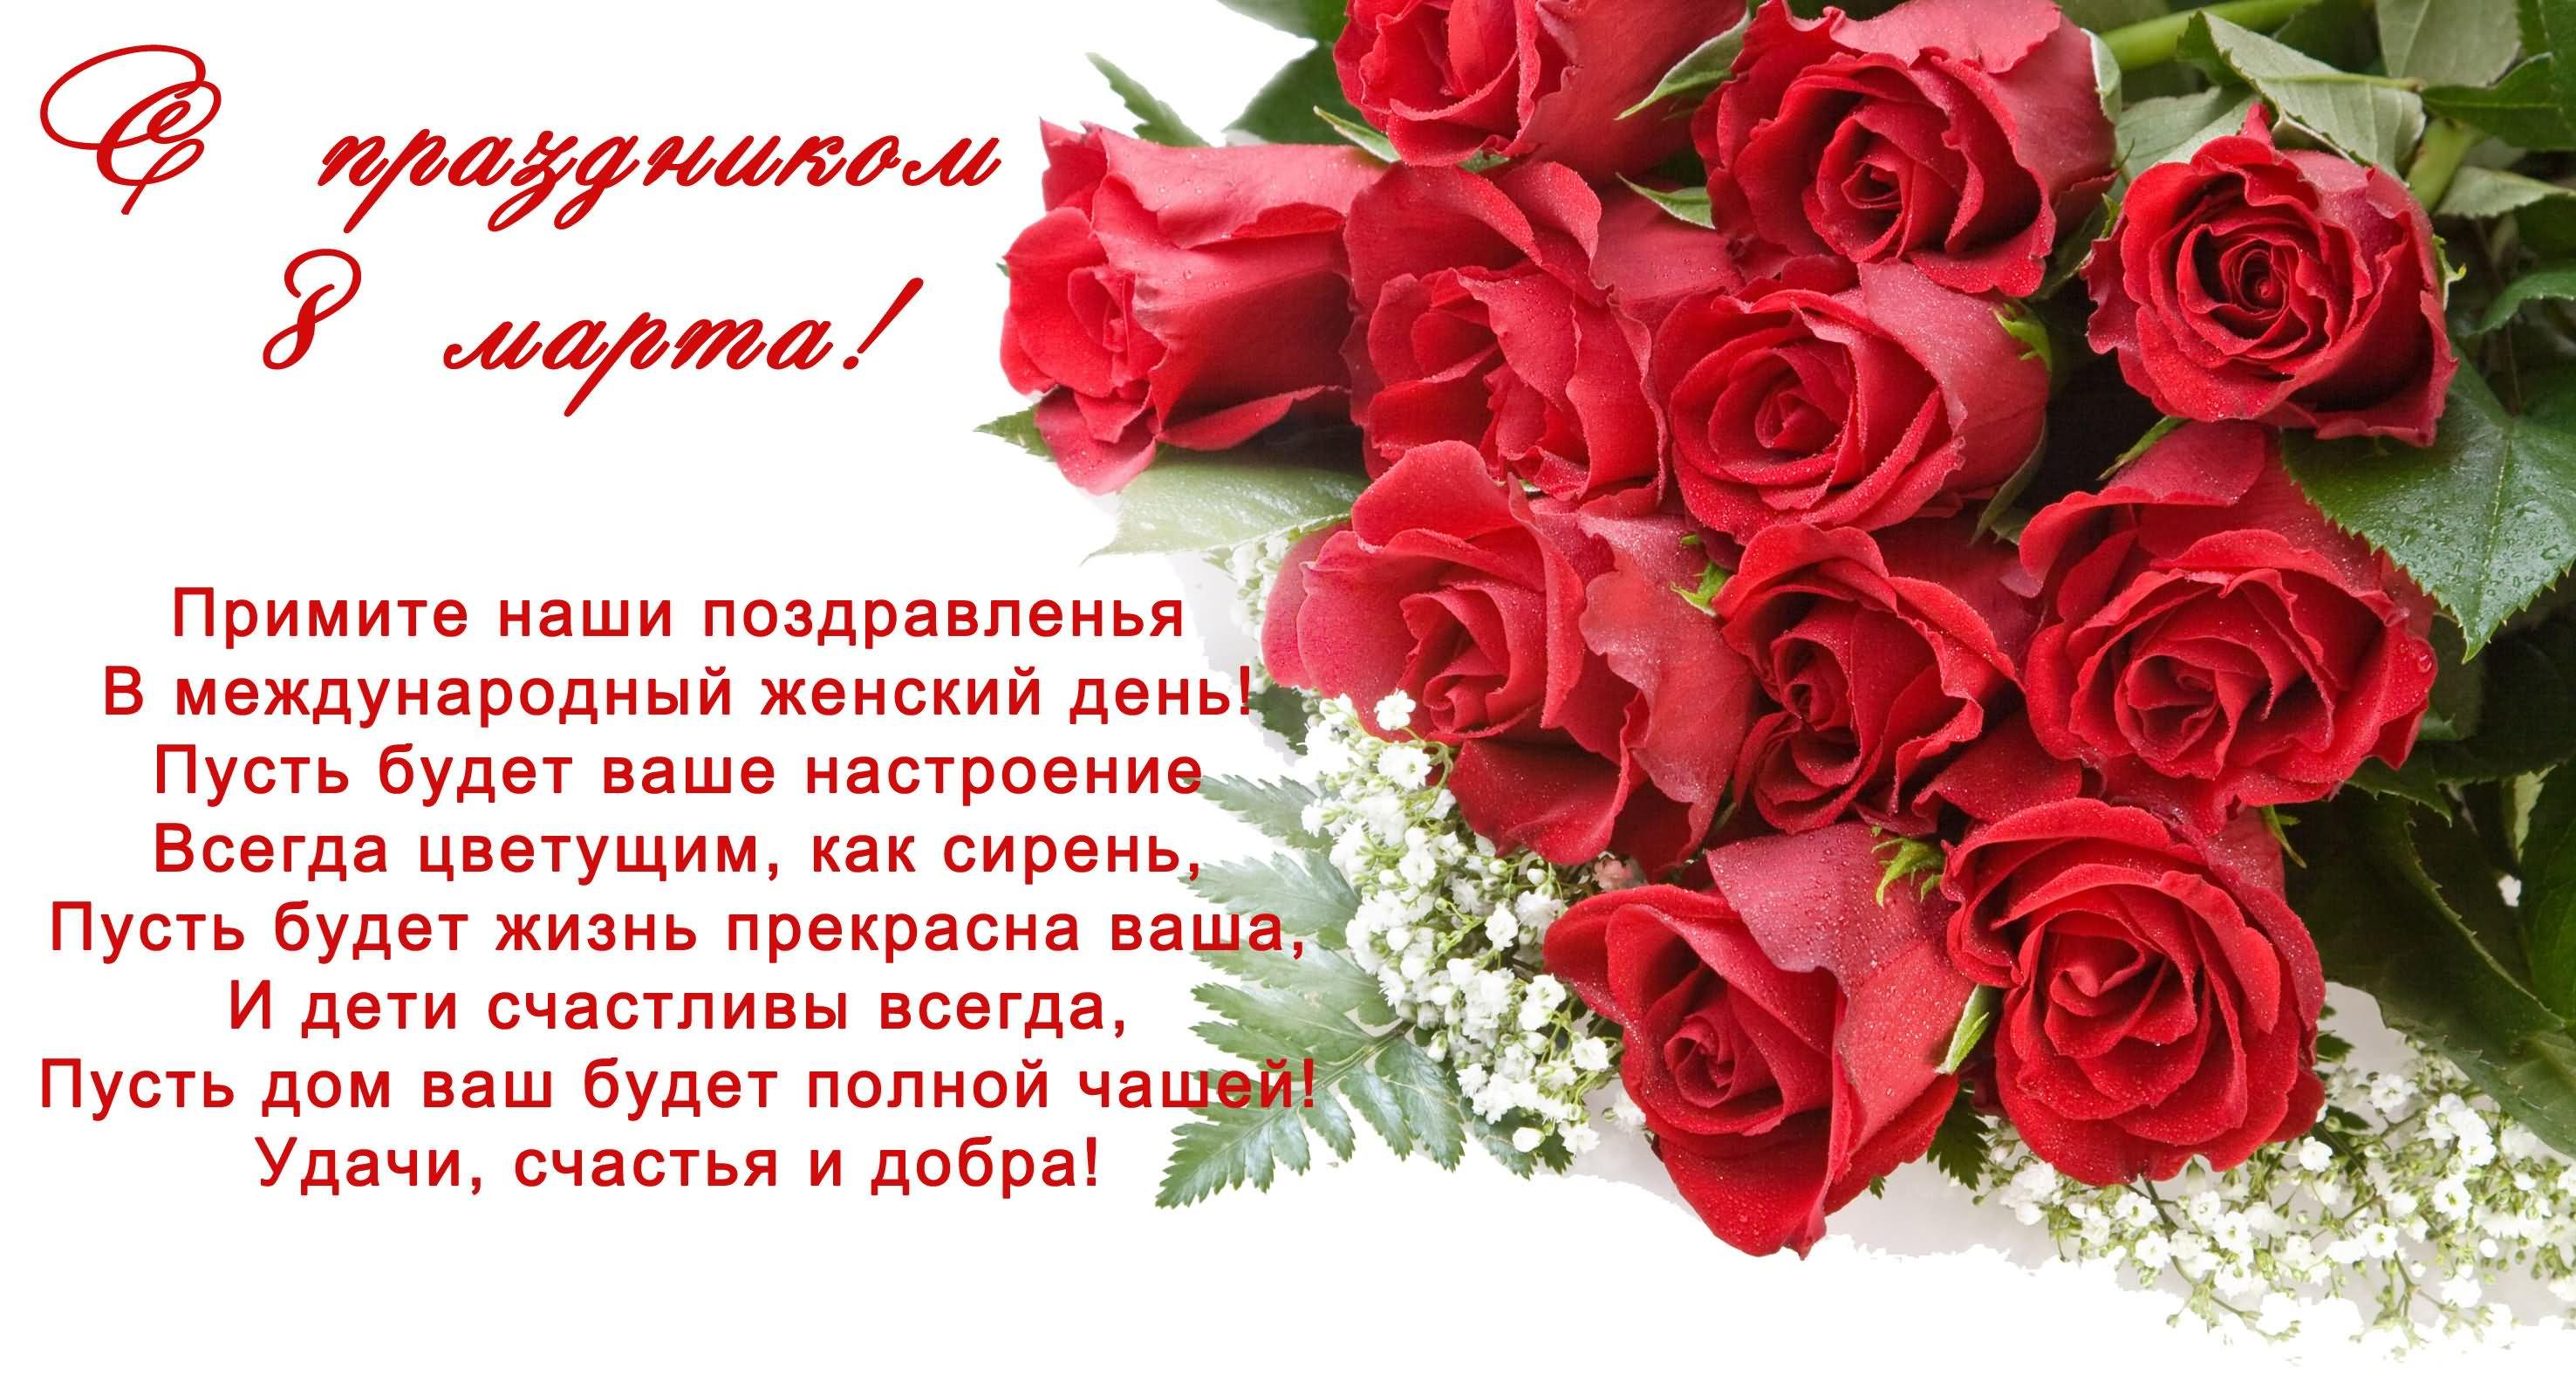 pozdravleniya-devushek-i-zhenshchin-s-prazdnikom-8-marta-cover-338